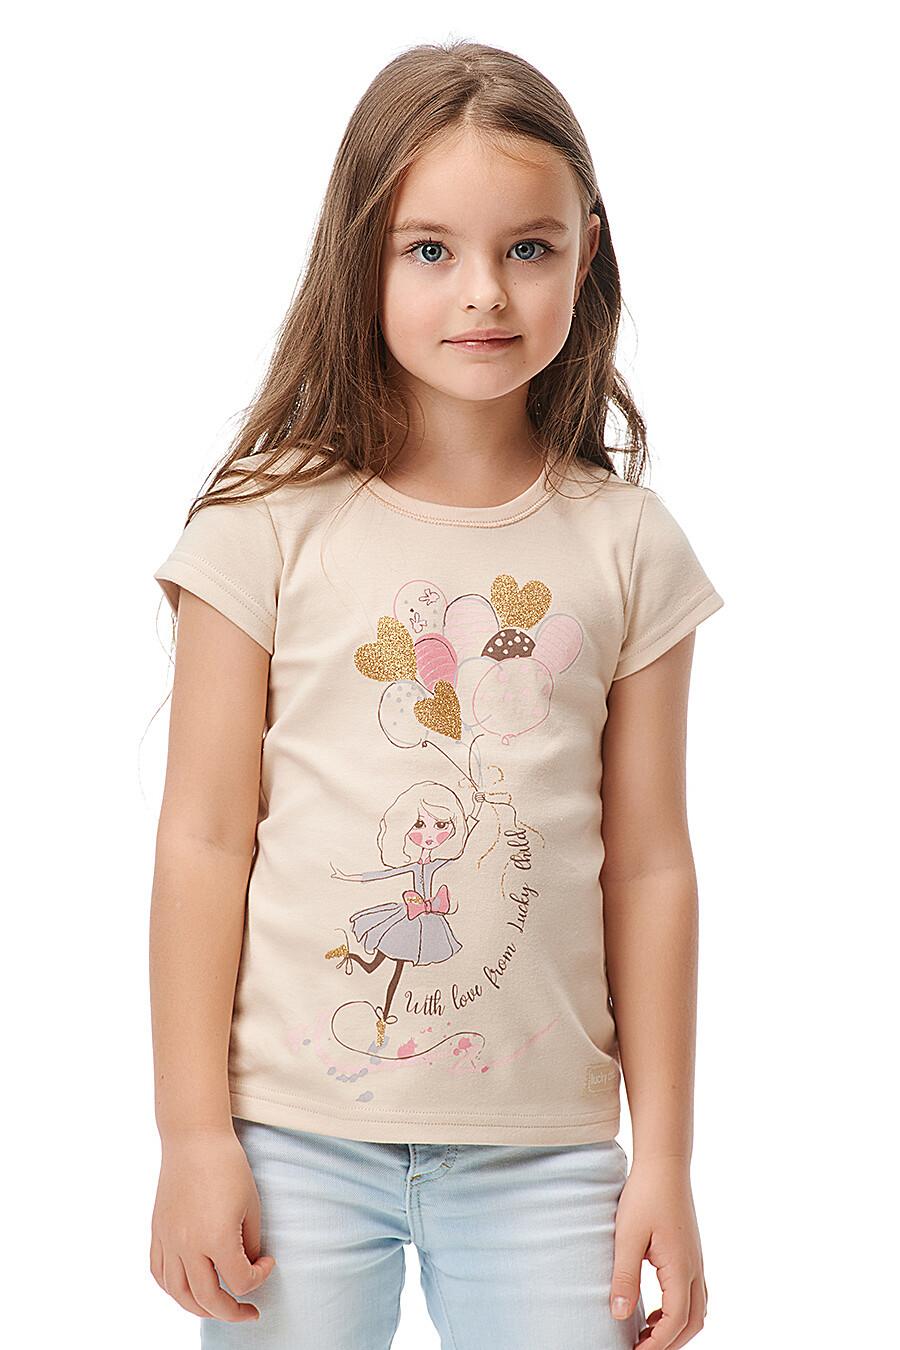 Футболка для девочек LUCKY CHILD 184681 купить оптом от производителя. Совместная покупка детской одежды в OptMoyo